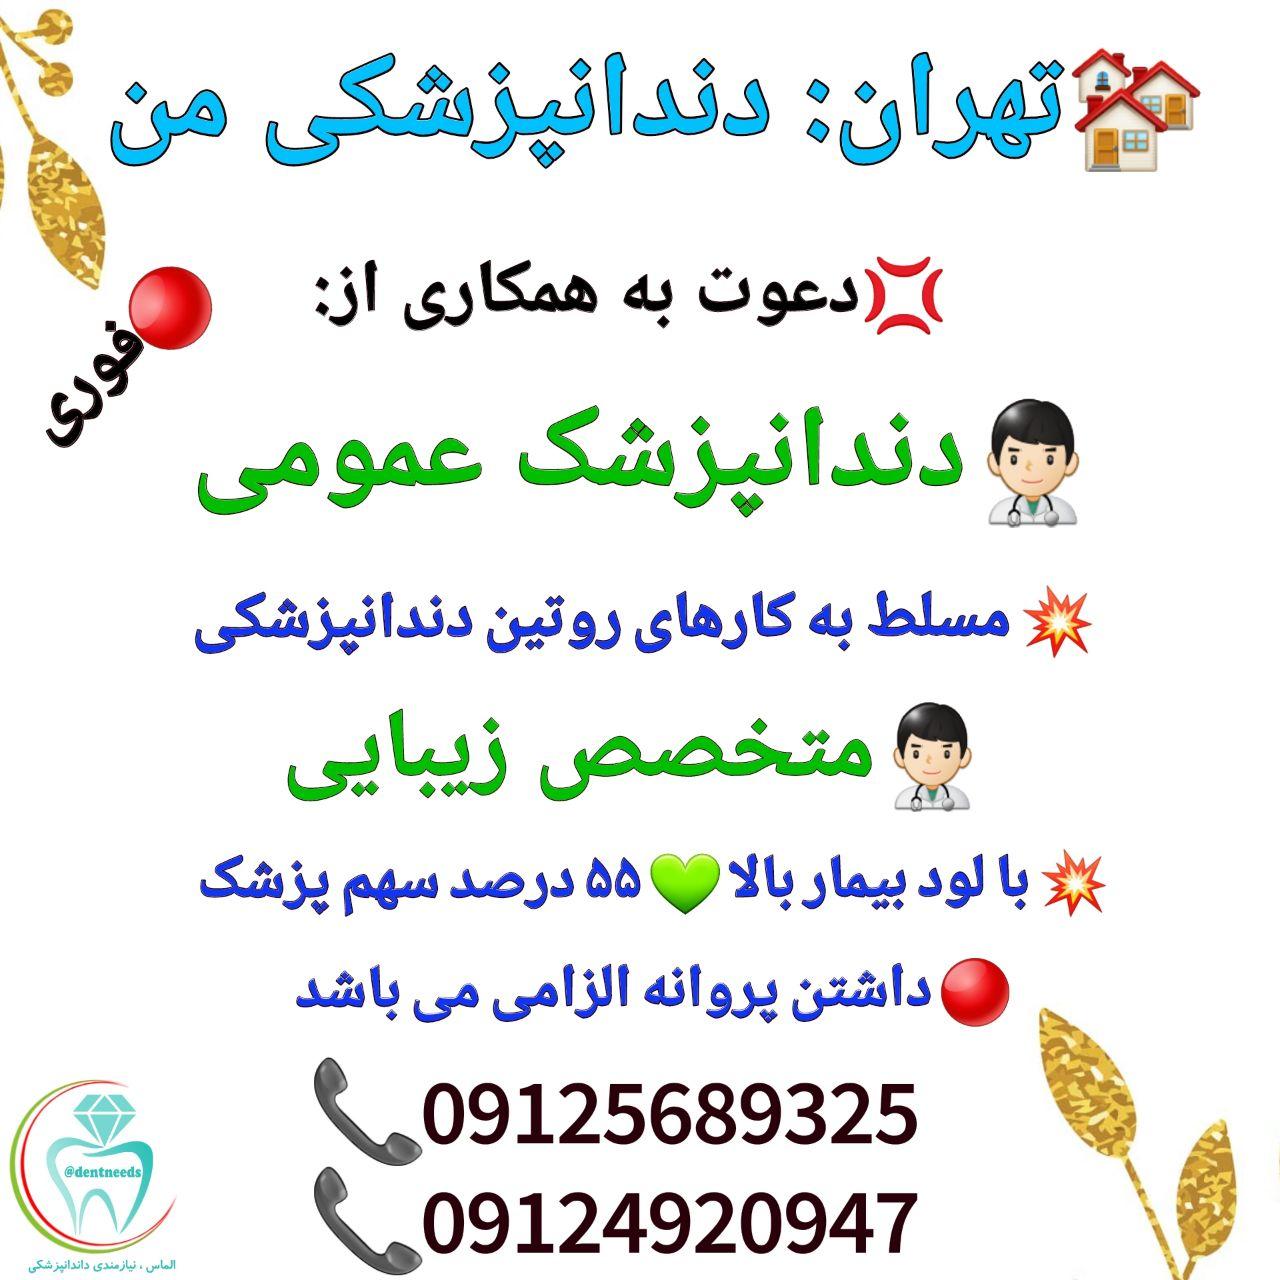 تهران: دندانپزشکی من، نیاز به دندانپزشک عمومی، و متخصص زیبایی